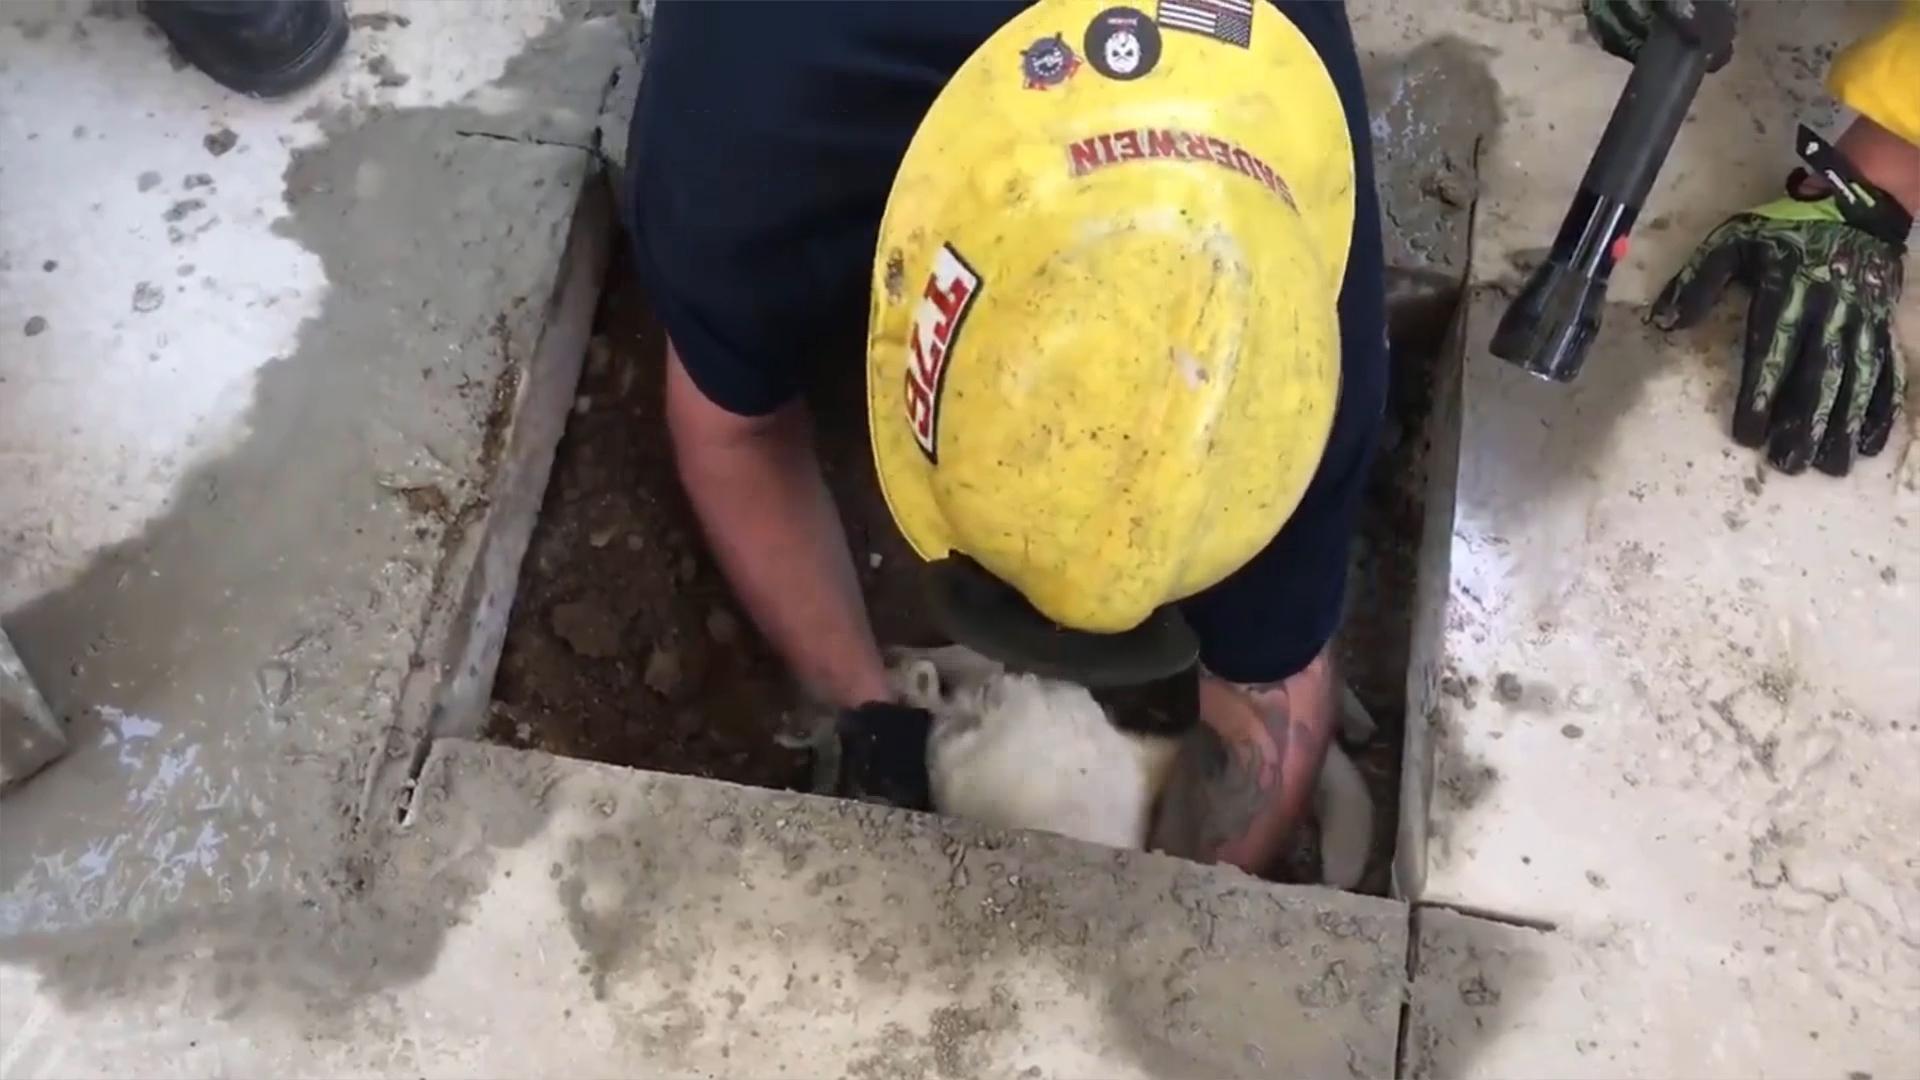 Le sauvetage extraordinaire d'un chien coincé sous une terrasse